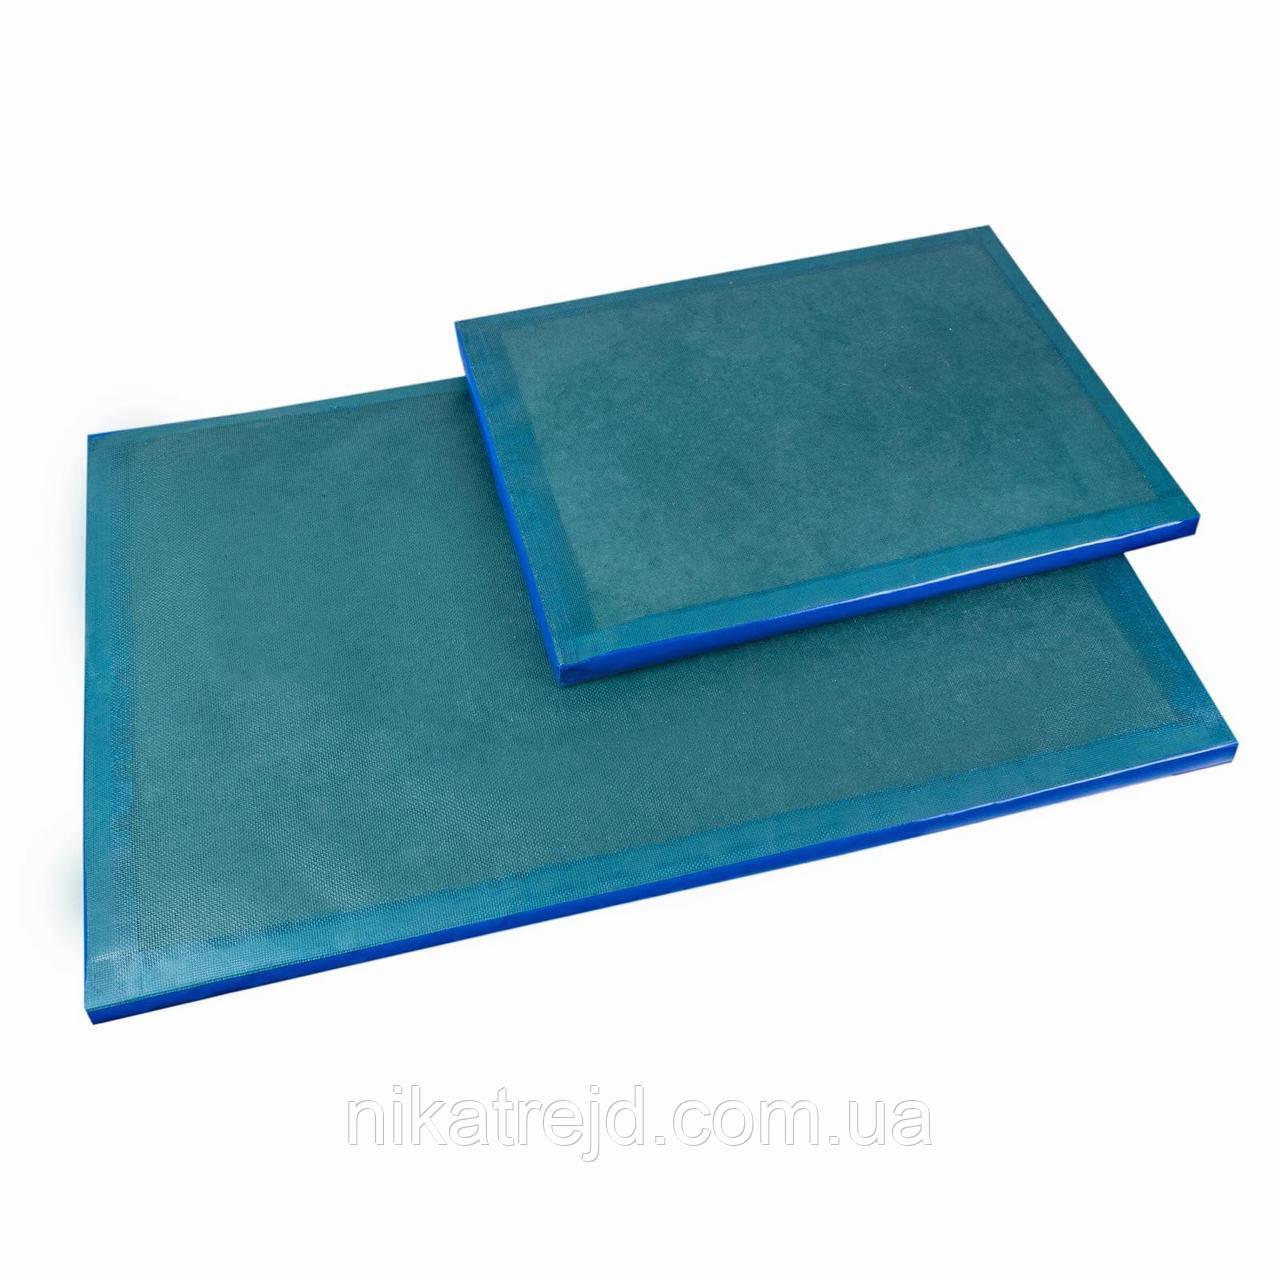 Ветеринарний дезенфекційний килимок 100х200х6см